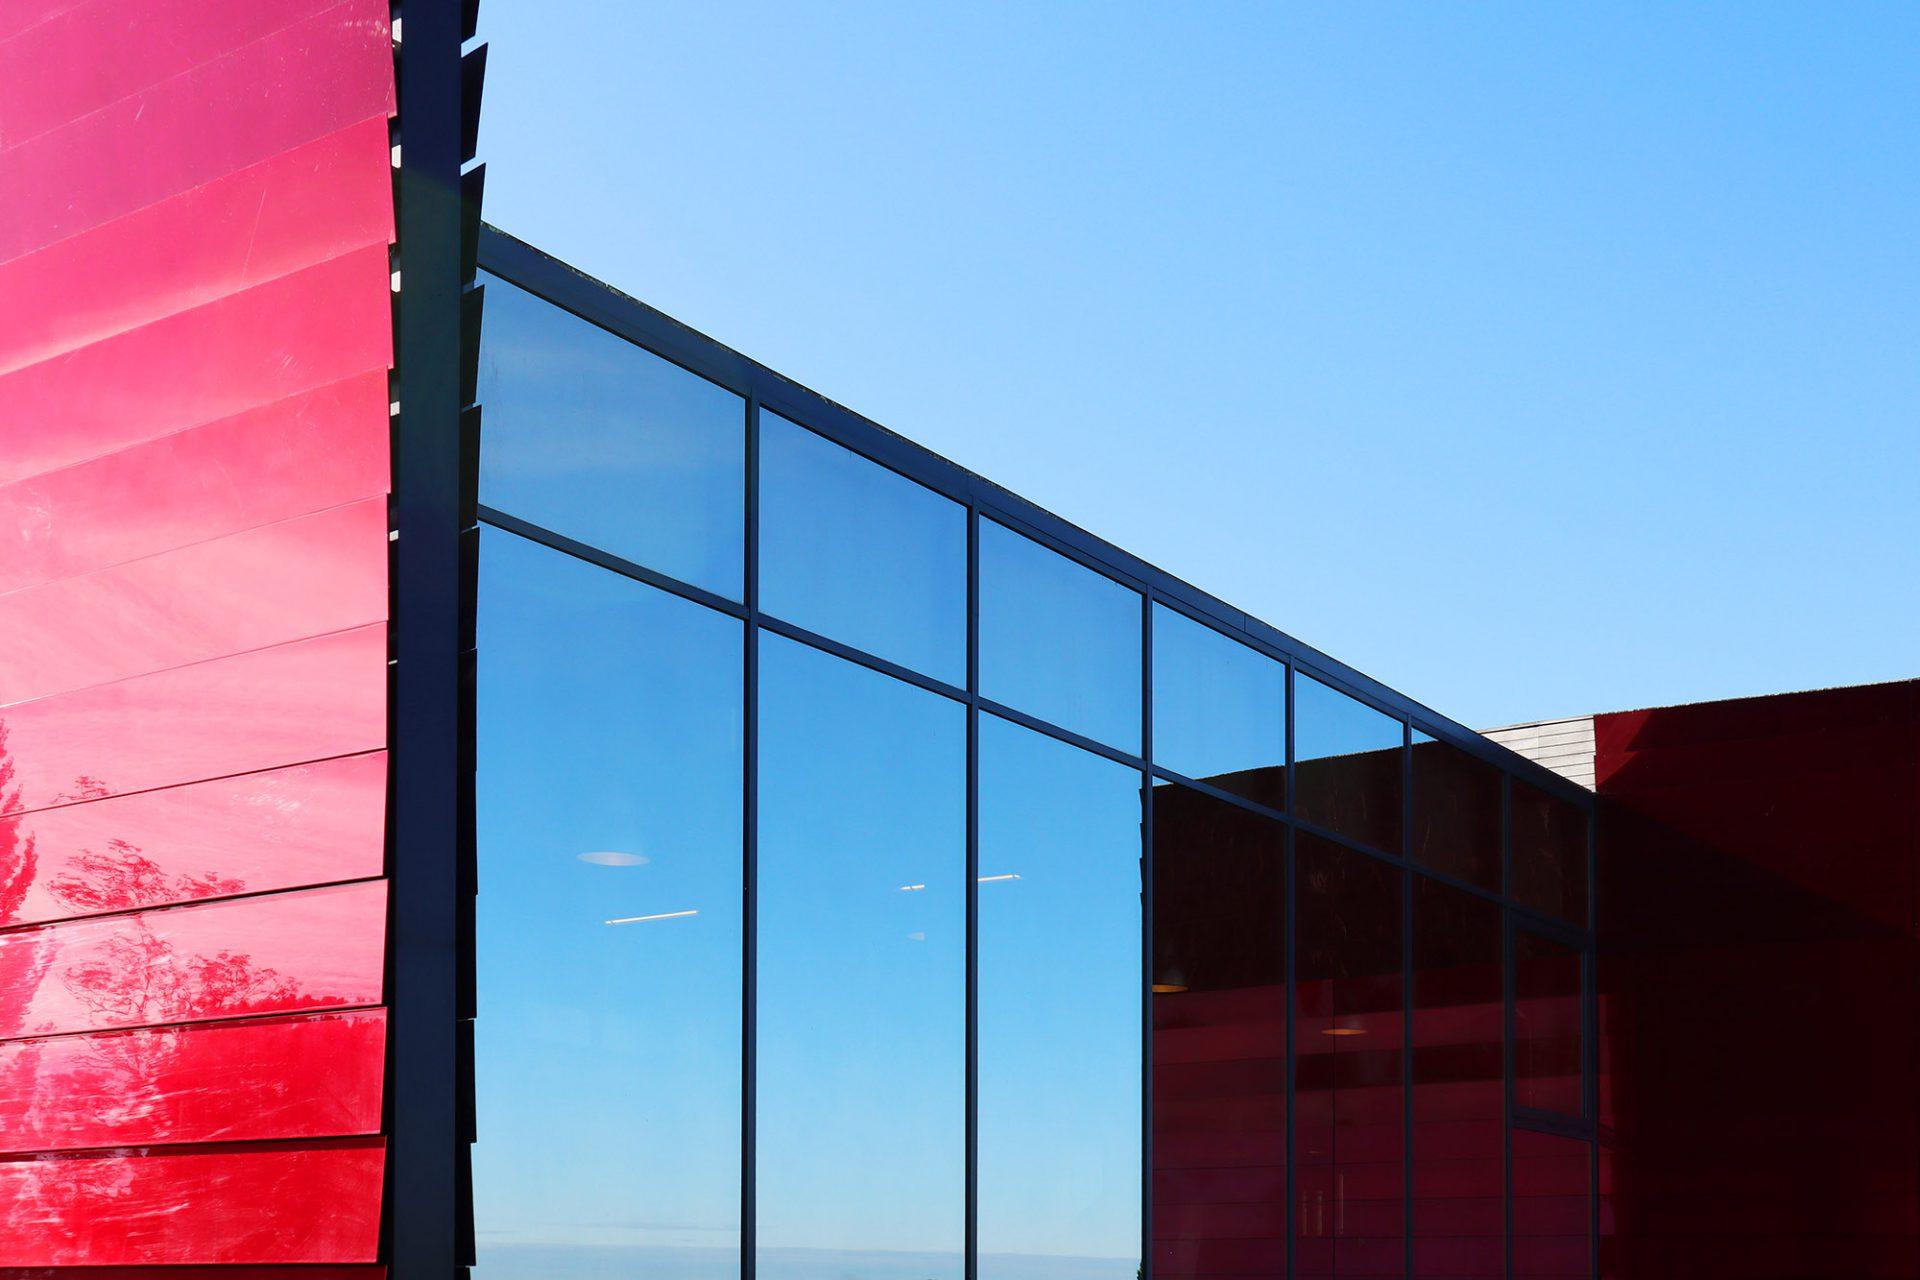 Château La Dominique. Die abgedunkelte Glasfront, hinter der die dreiundzwanzig konischen Tanks aus Edelstahl nur schemenhaft zu erkennen sind, wirkt wie ein Spiegel, in dem die Kulturlandschaft reflektiert wird.